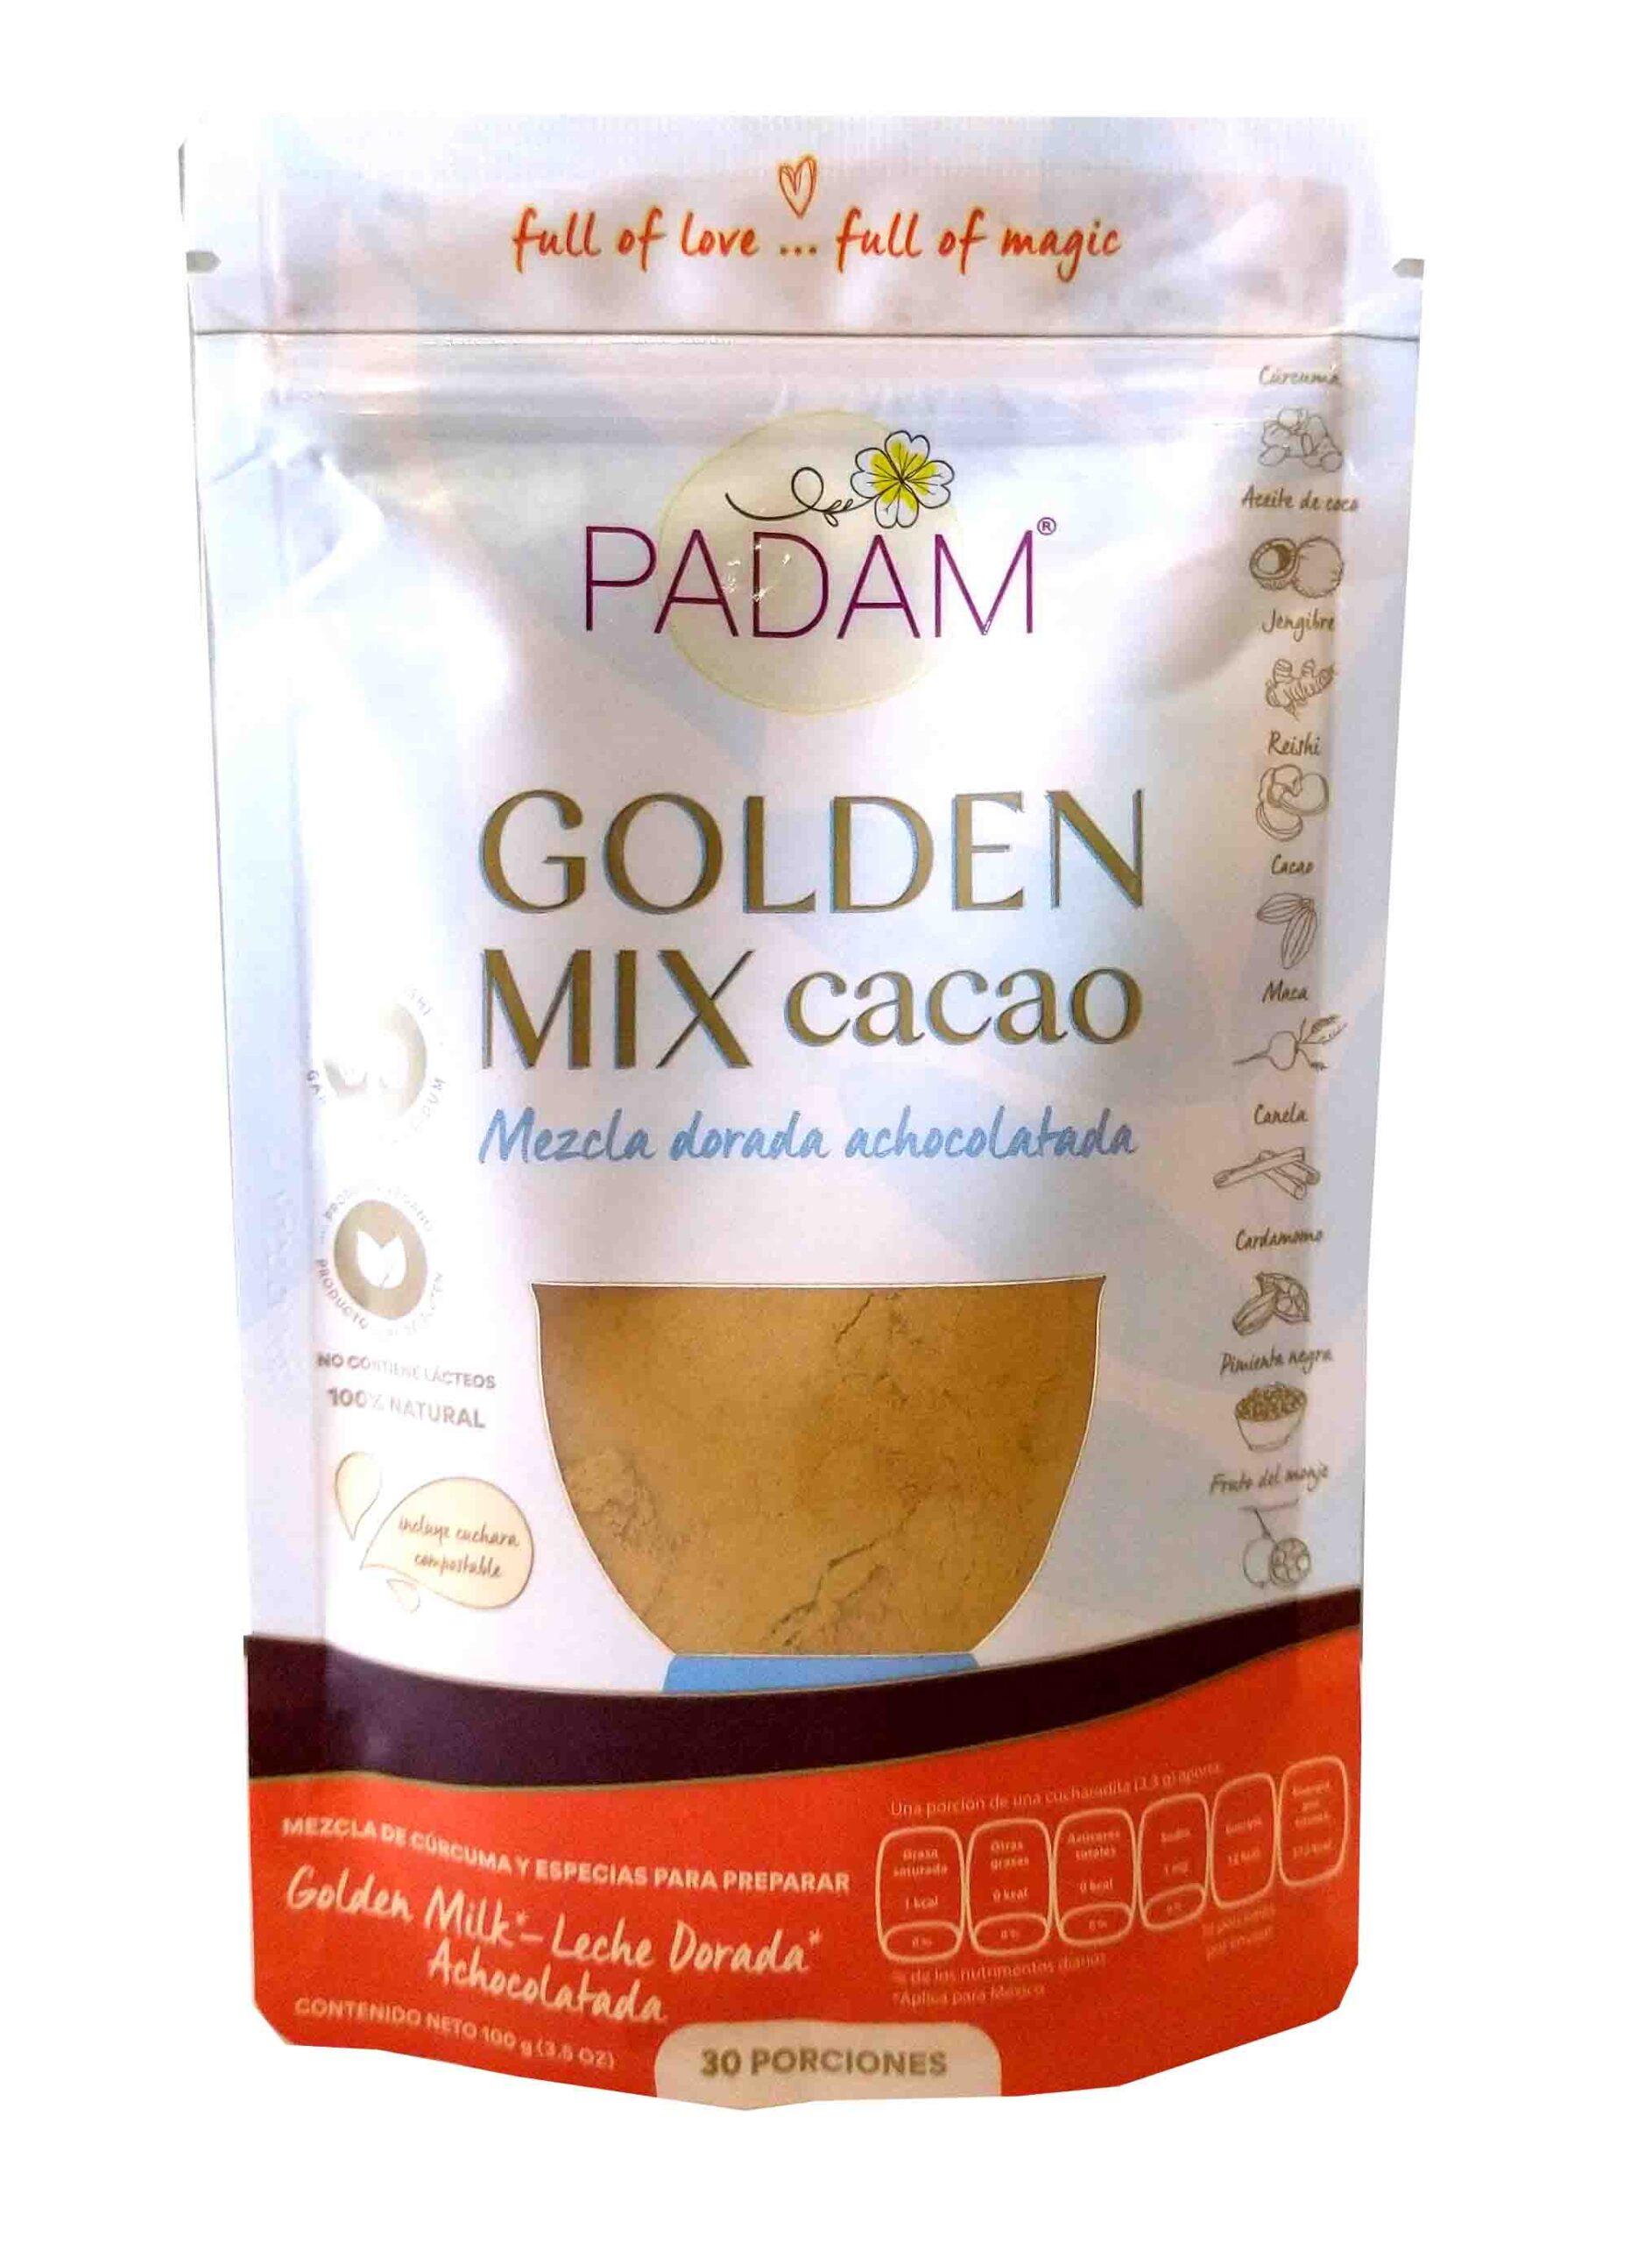 Leche dorada padam cacao